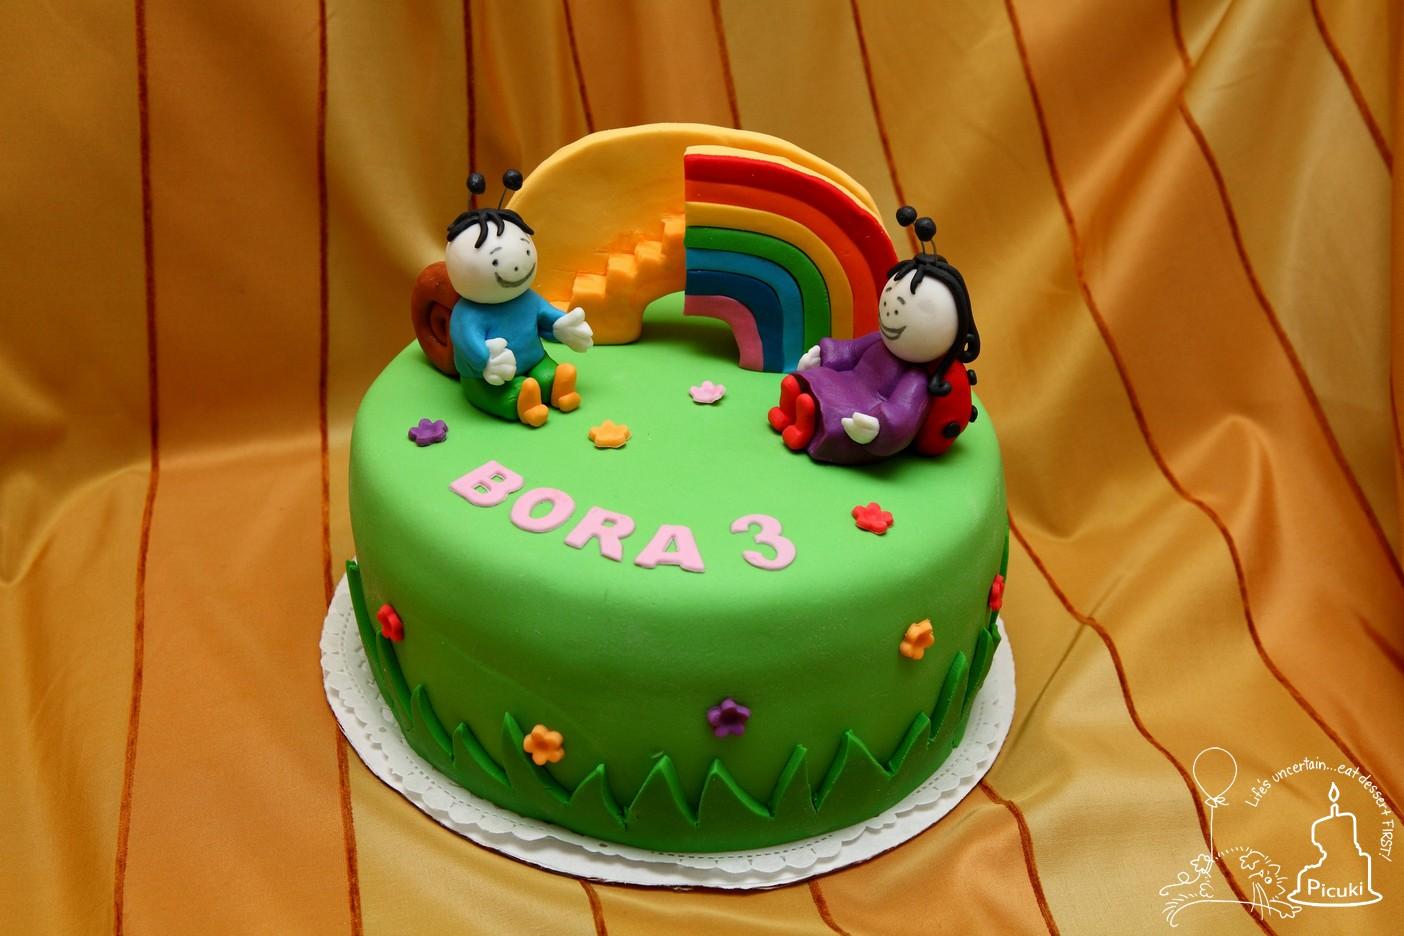 bogyó és babóca torta képek Picuki: Bogyó és Babóca torta bogyó és babóca torta képek